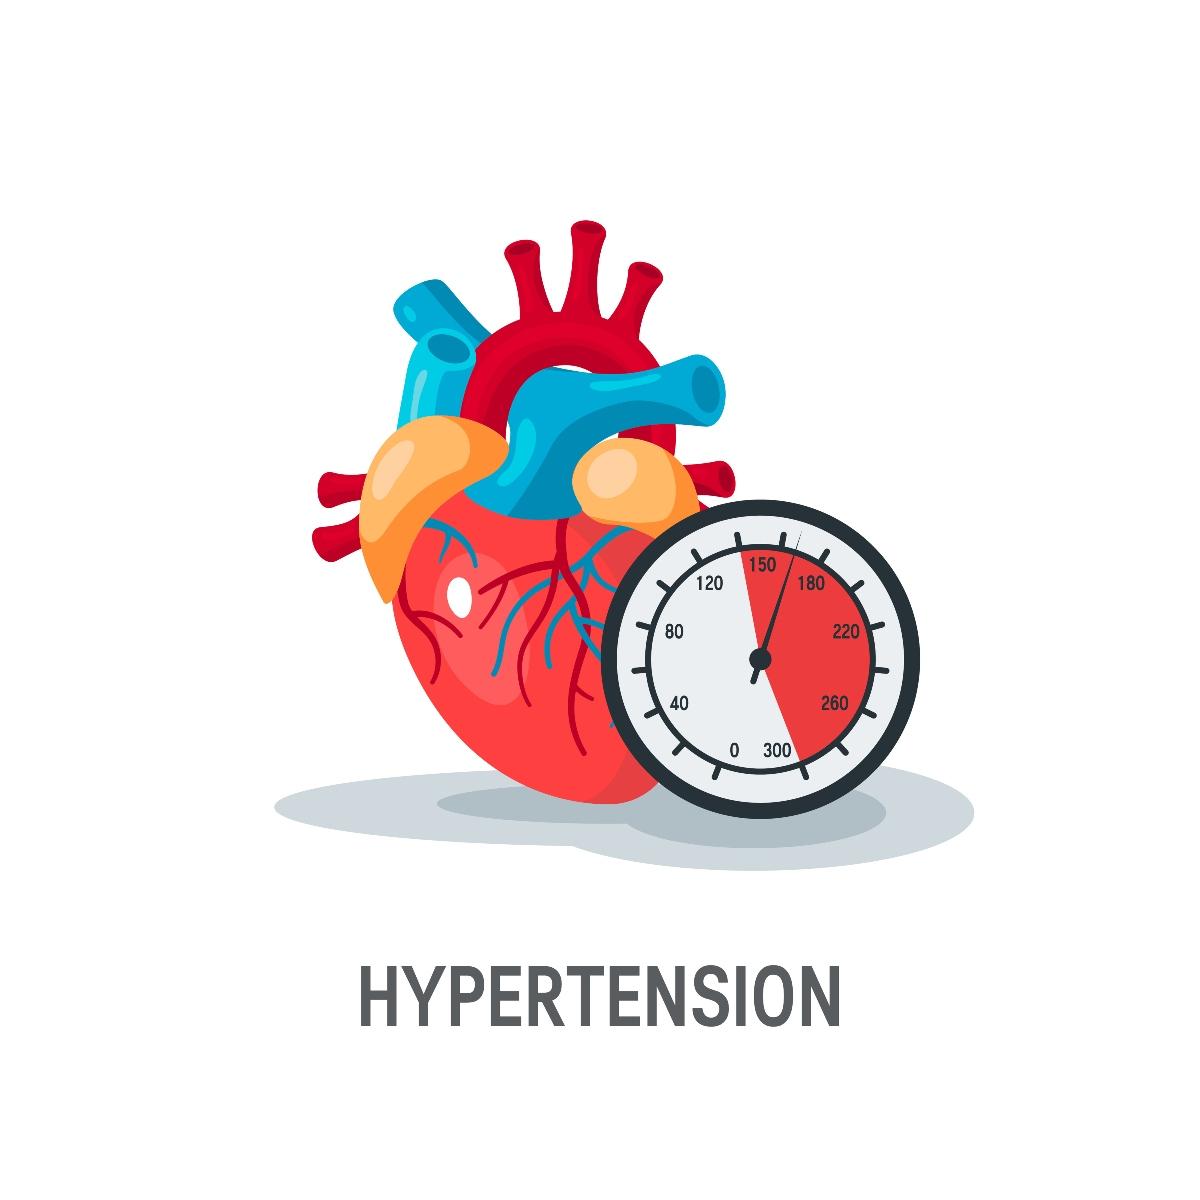 ipertensione: che cos'è